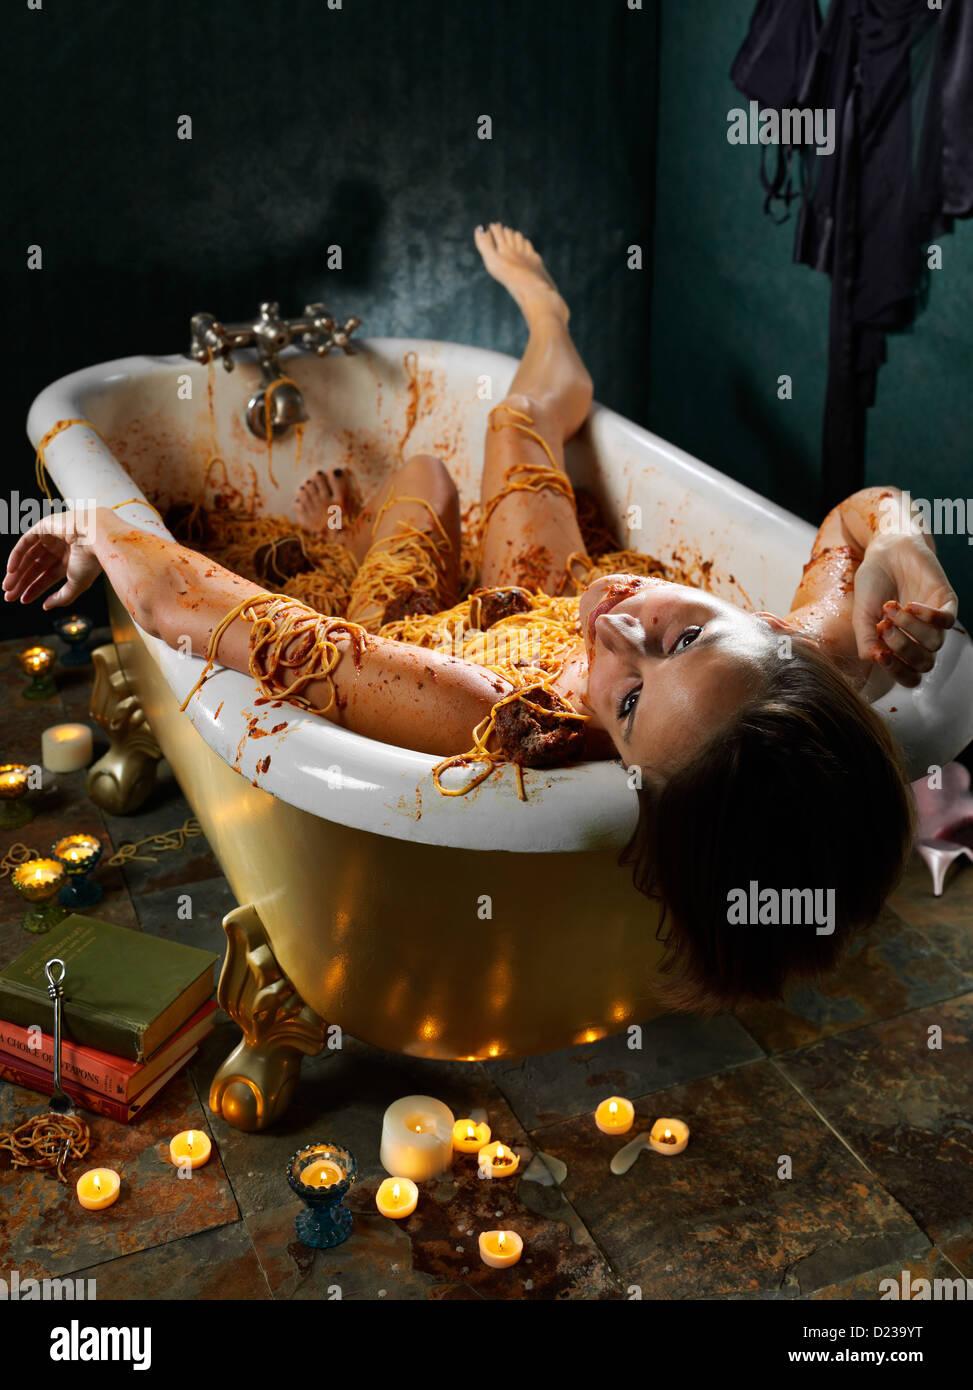 Il cibo della scena del crimine con la morte di golosità. Foto Stock